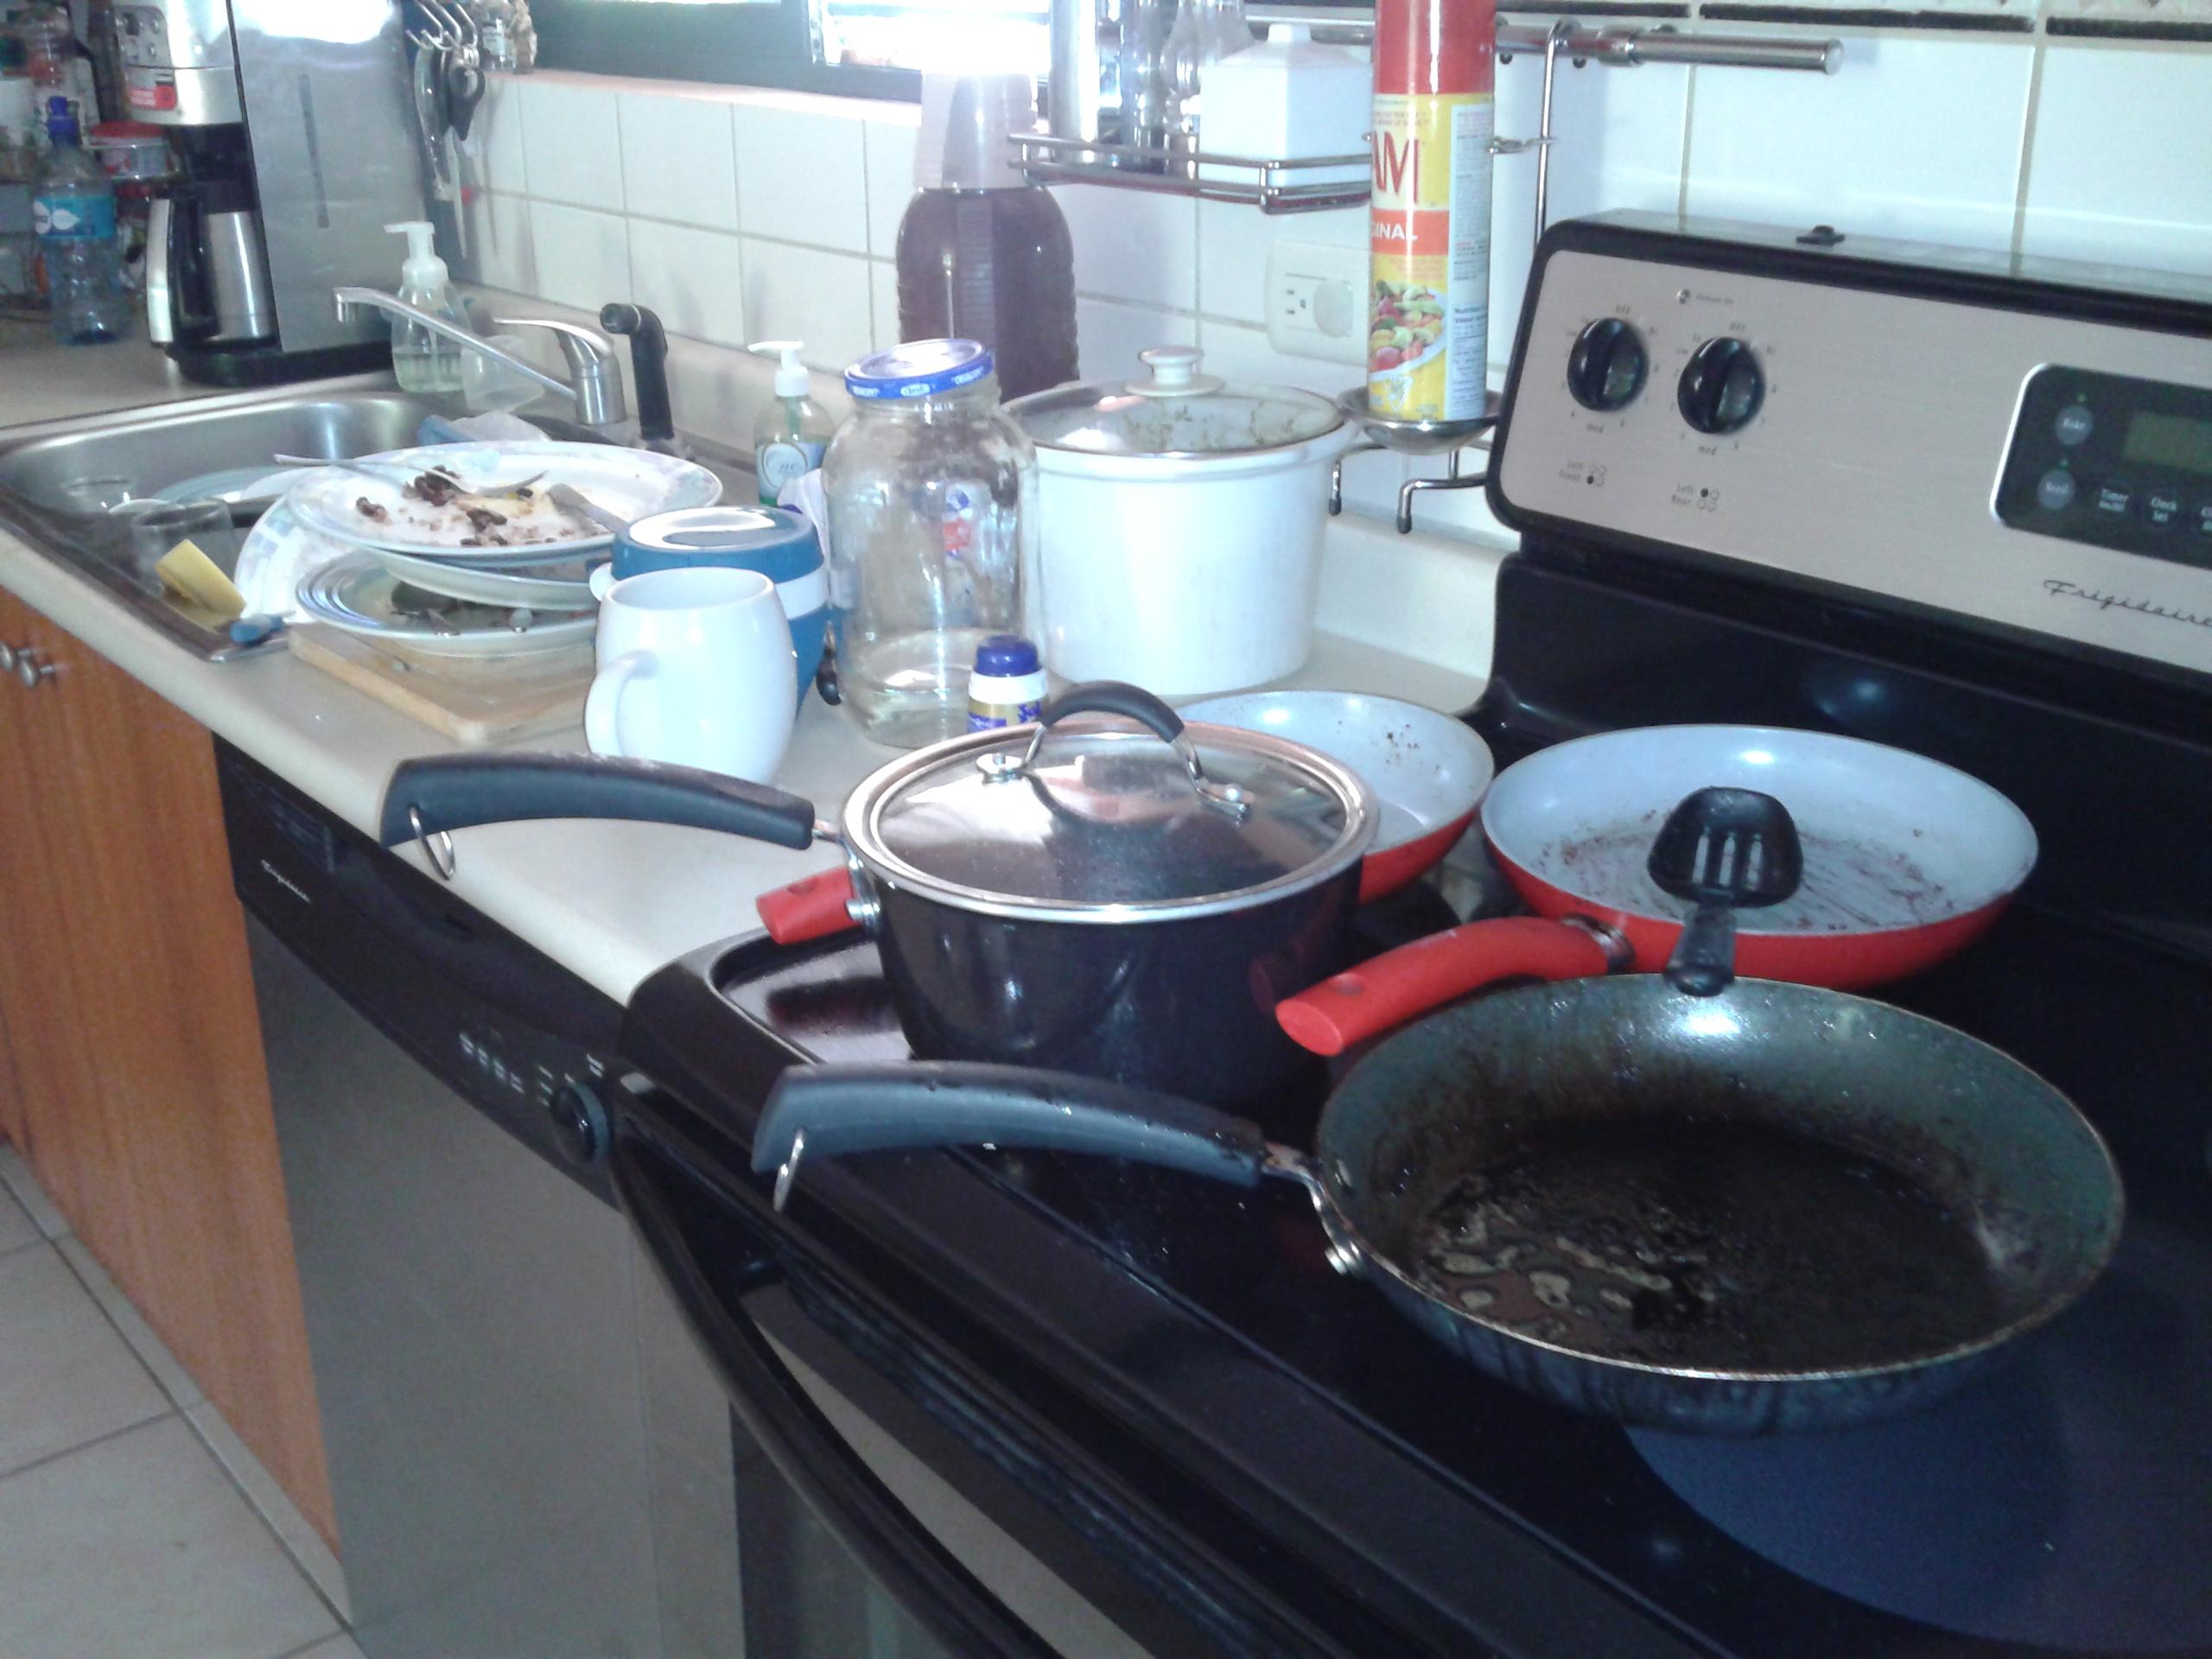 Cu nto tiempo tom limpiar este desastre mi casa organizada - Como limpiar una casa rapido ...